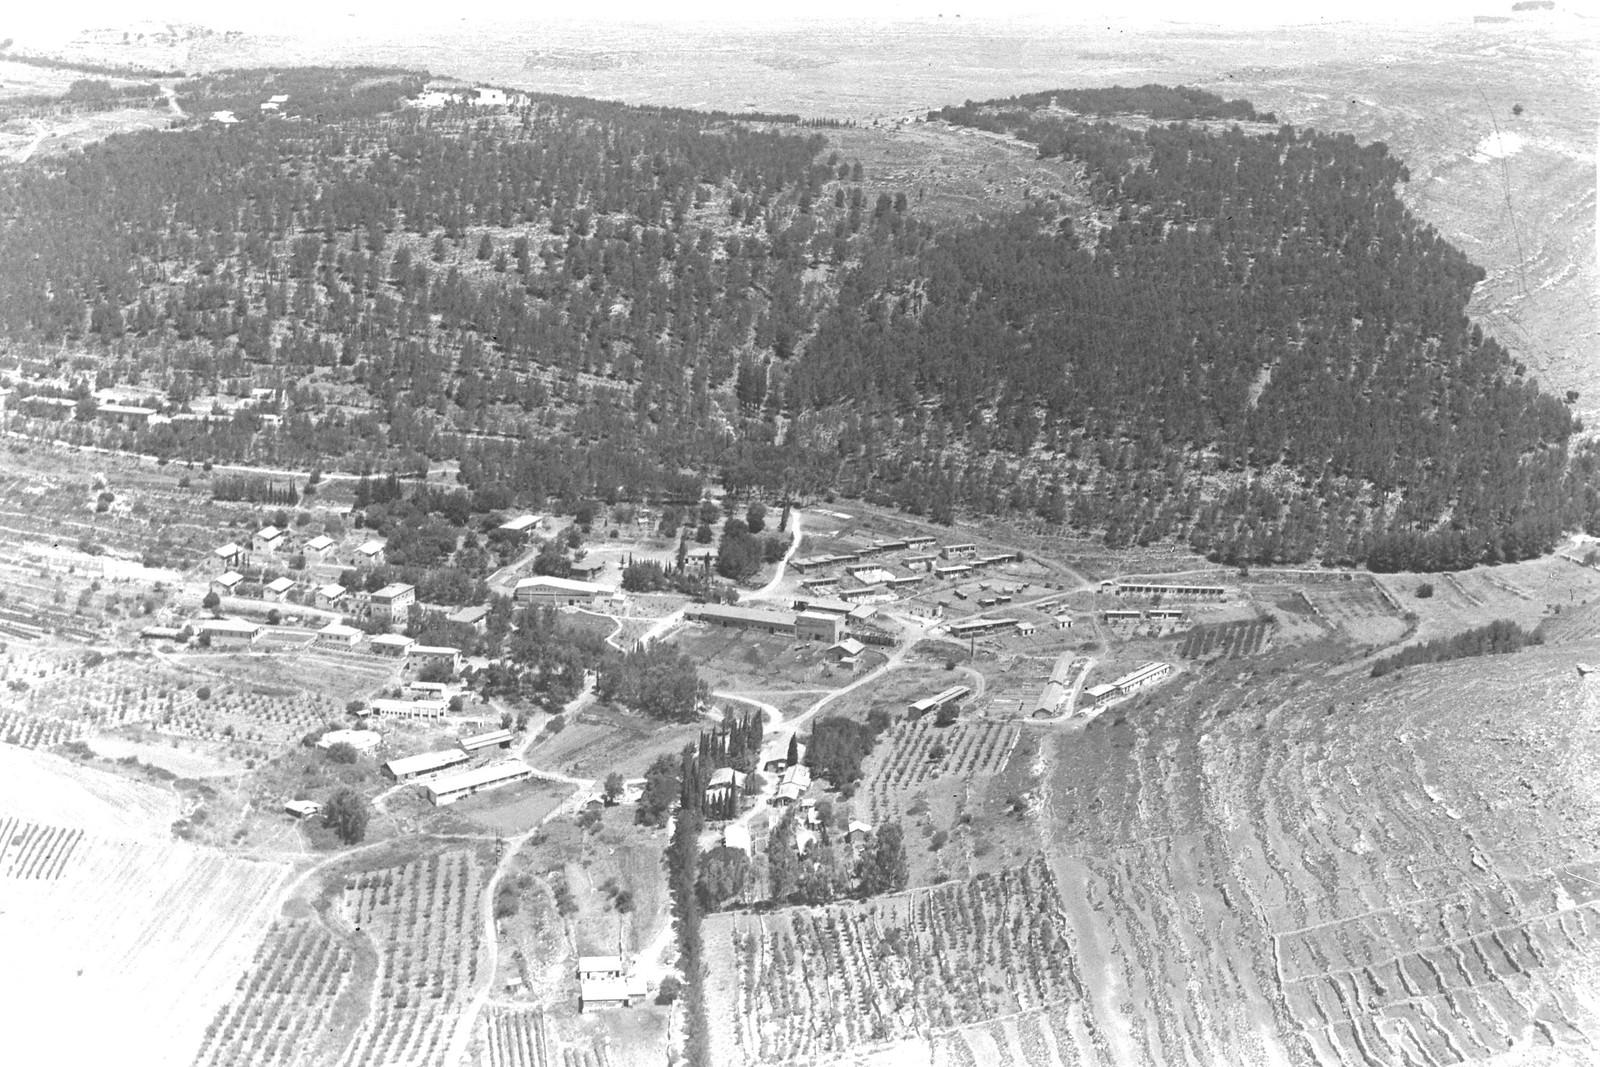 1942. Аэрофотоснимок кибуца Кирьят-Анавим в Иерусалимских горах.